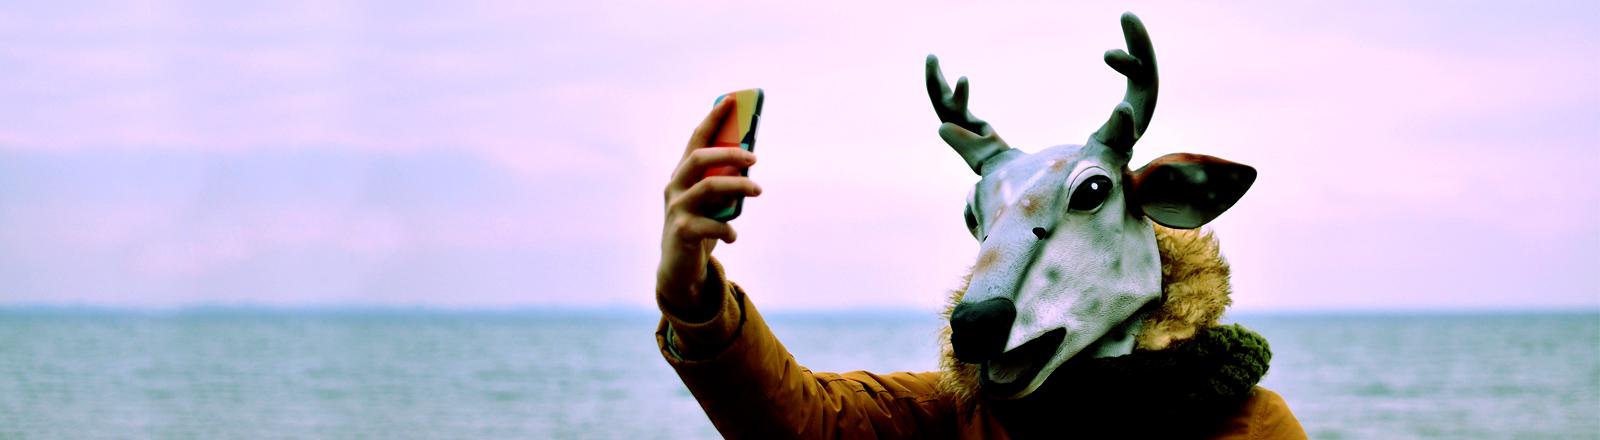 Ein Mann in einer Hirschmaske fotografiert sich selber